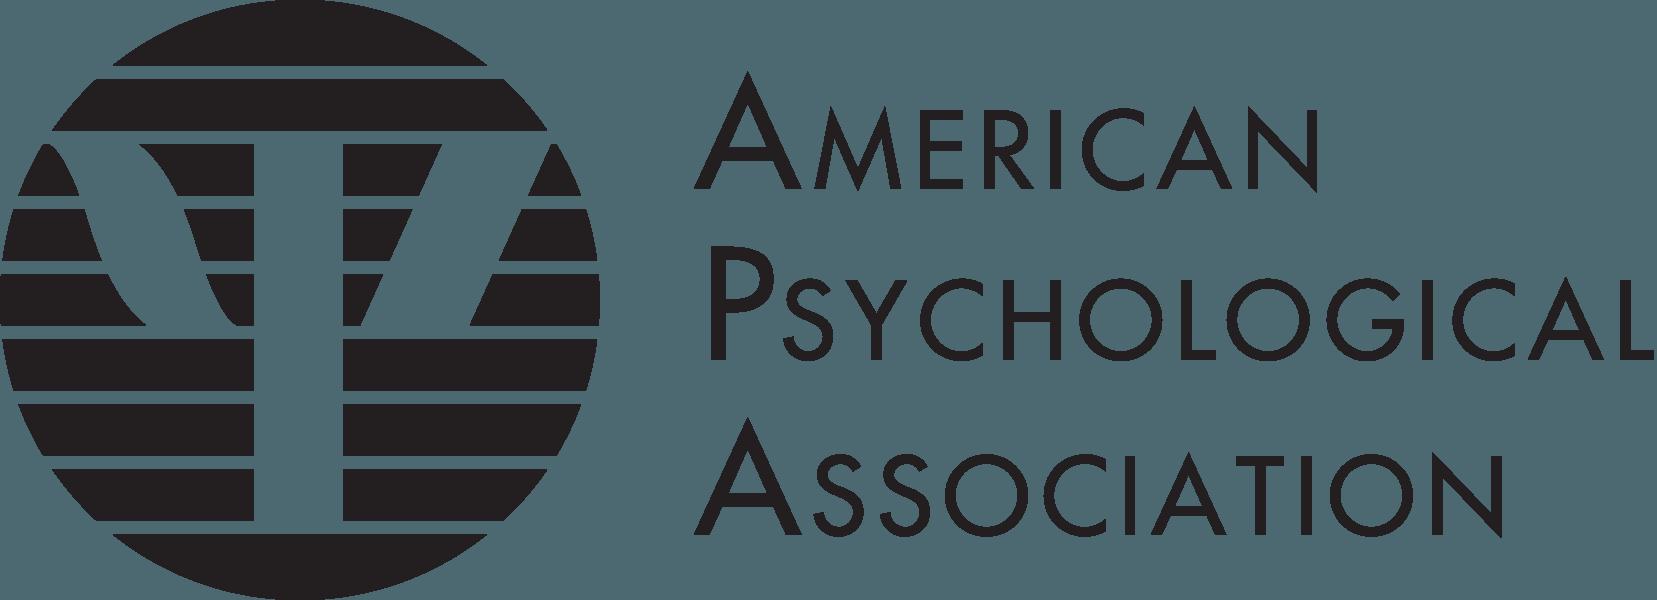 American psycholigical ass